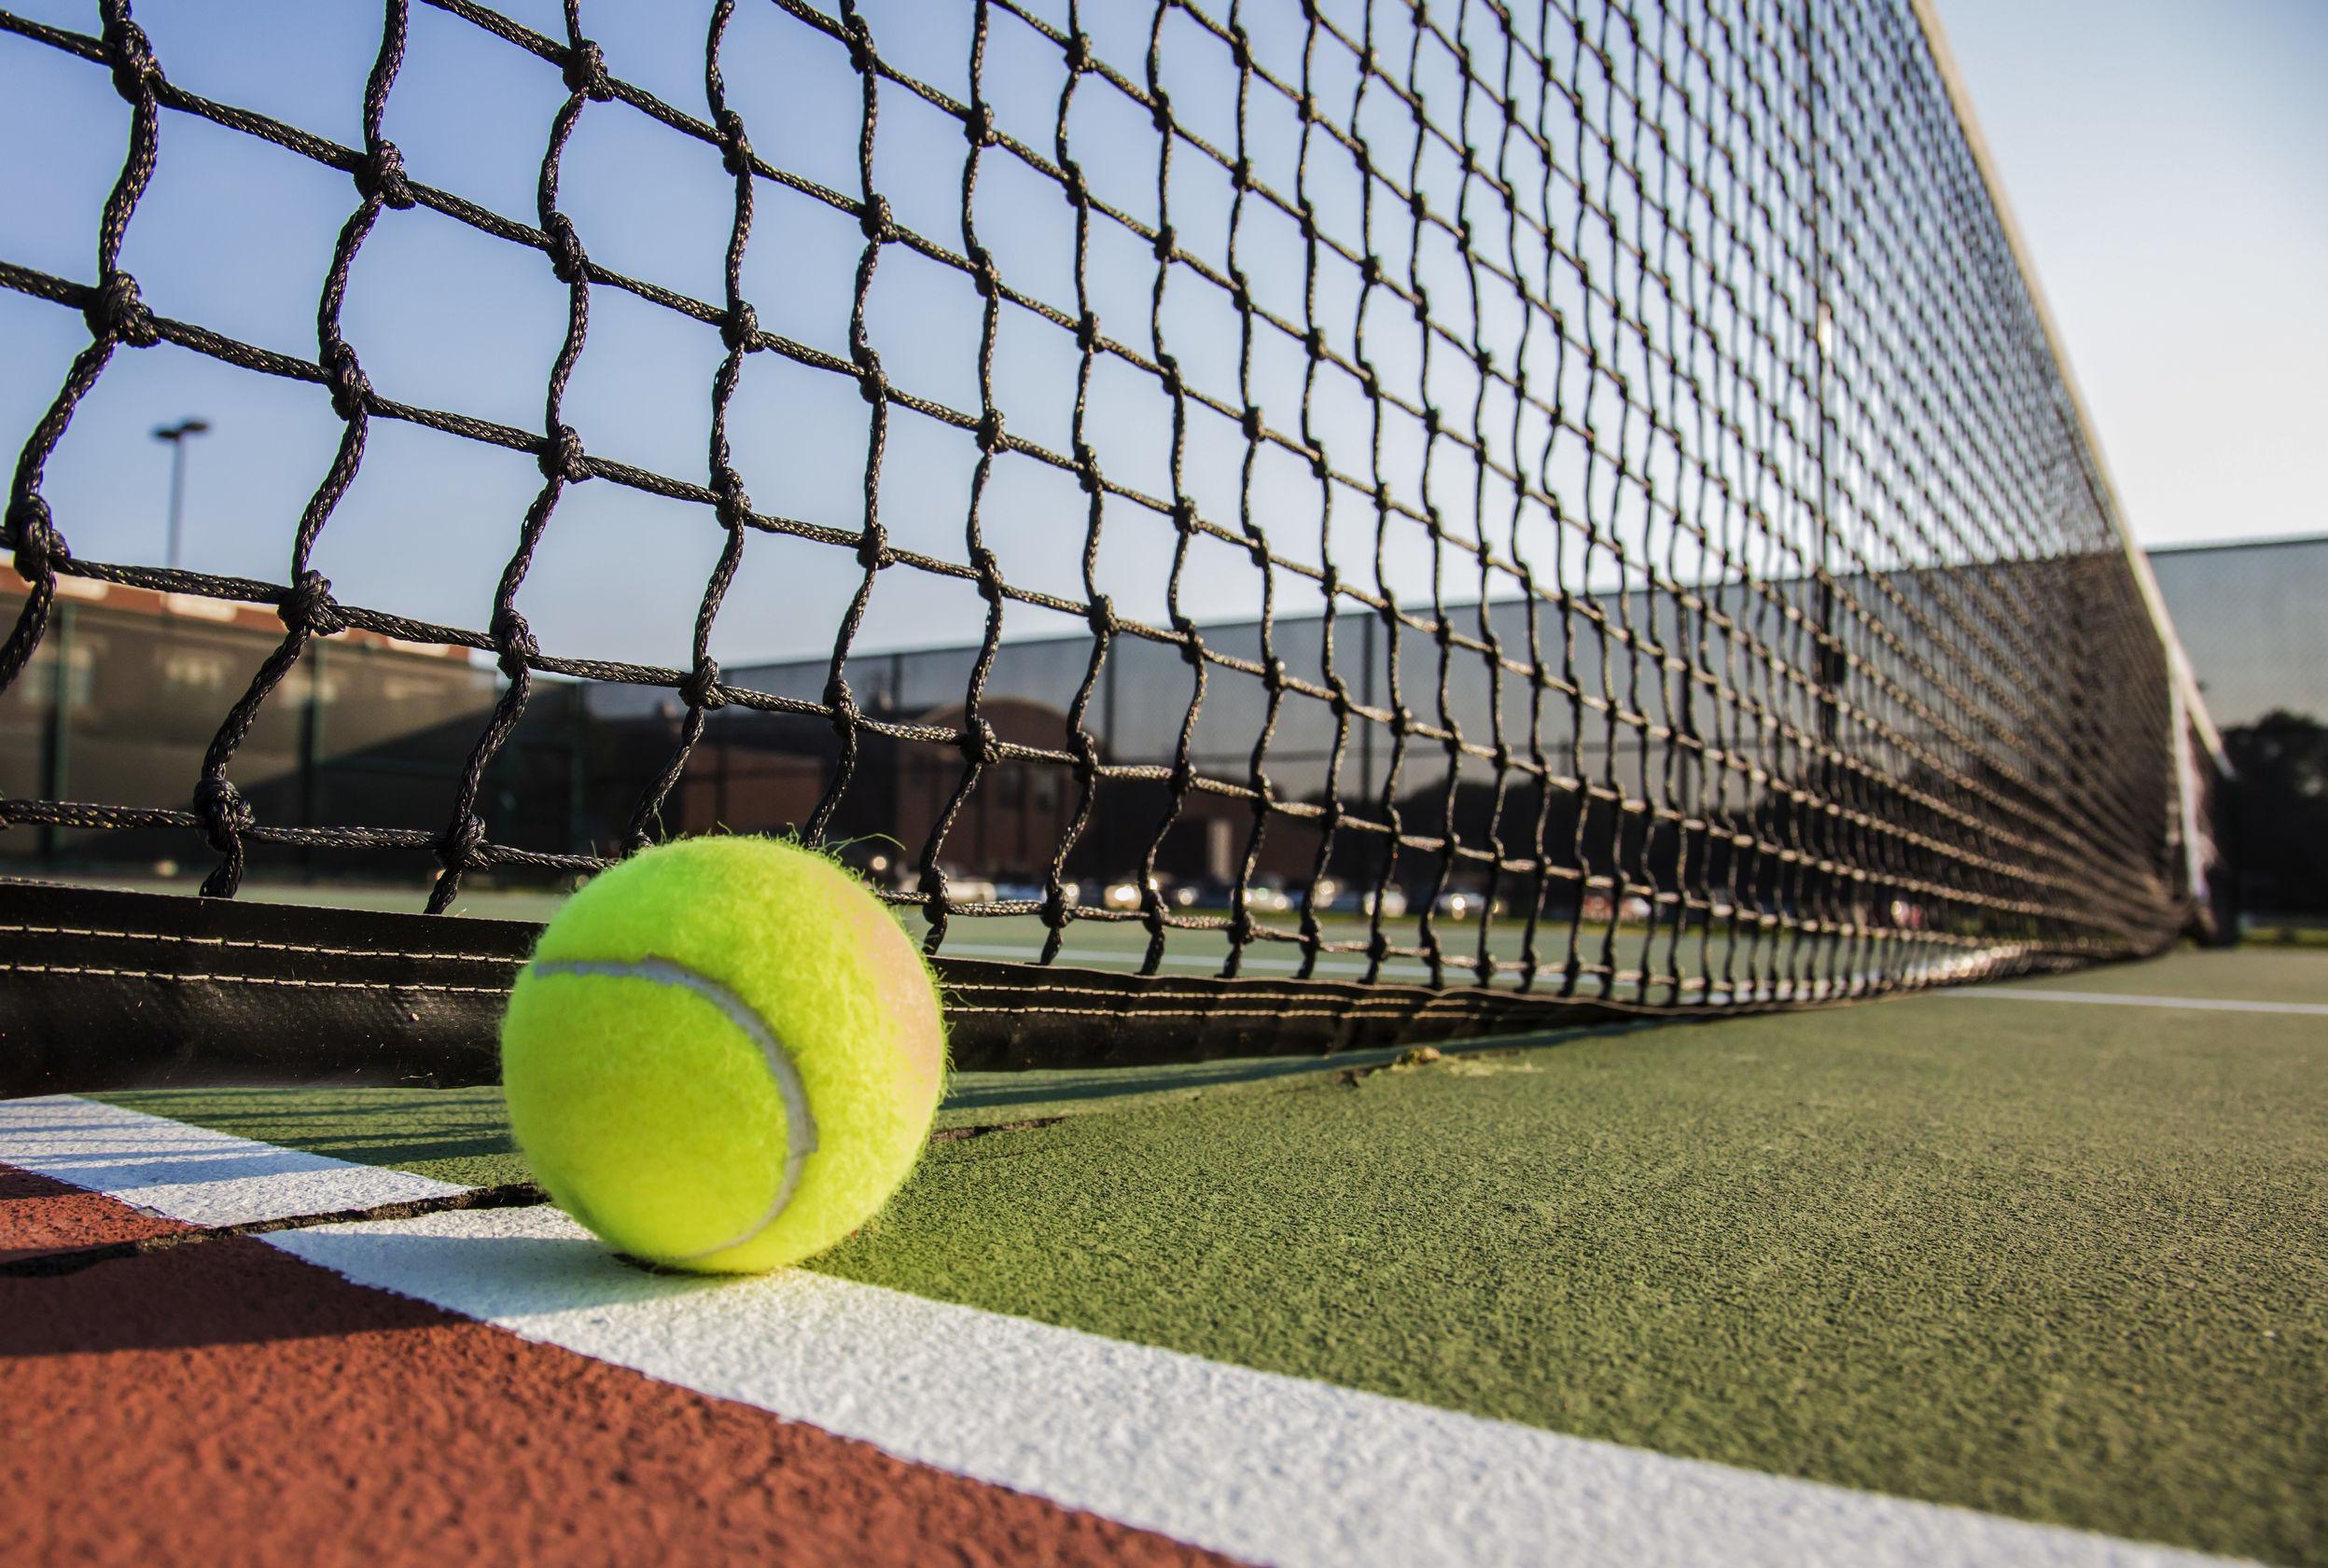 Tipos de pistas de tenis: ¿qué ventajas tiene cada una?